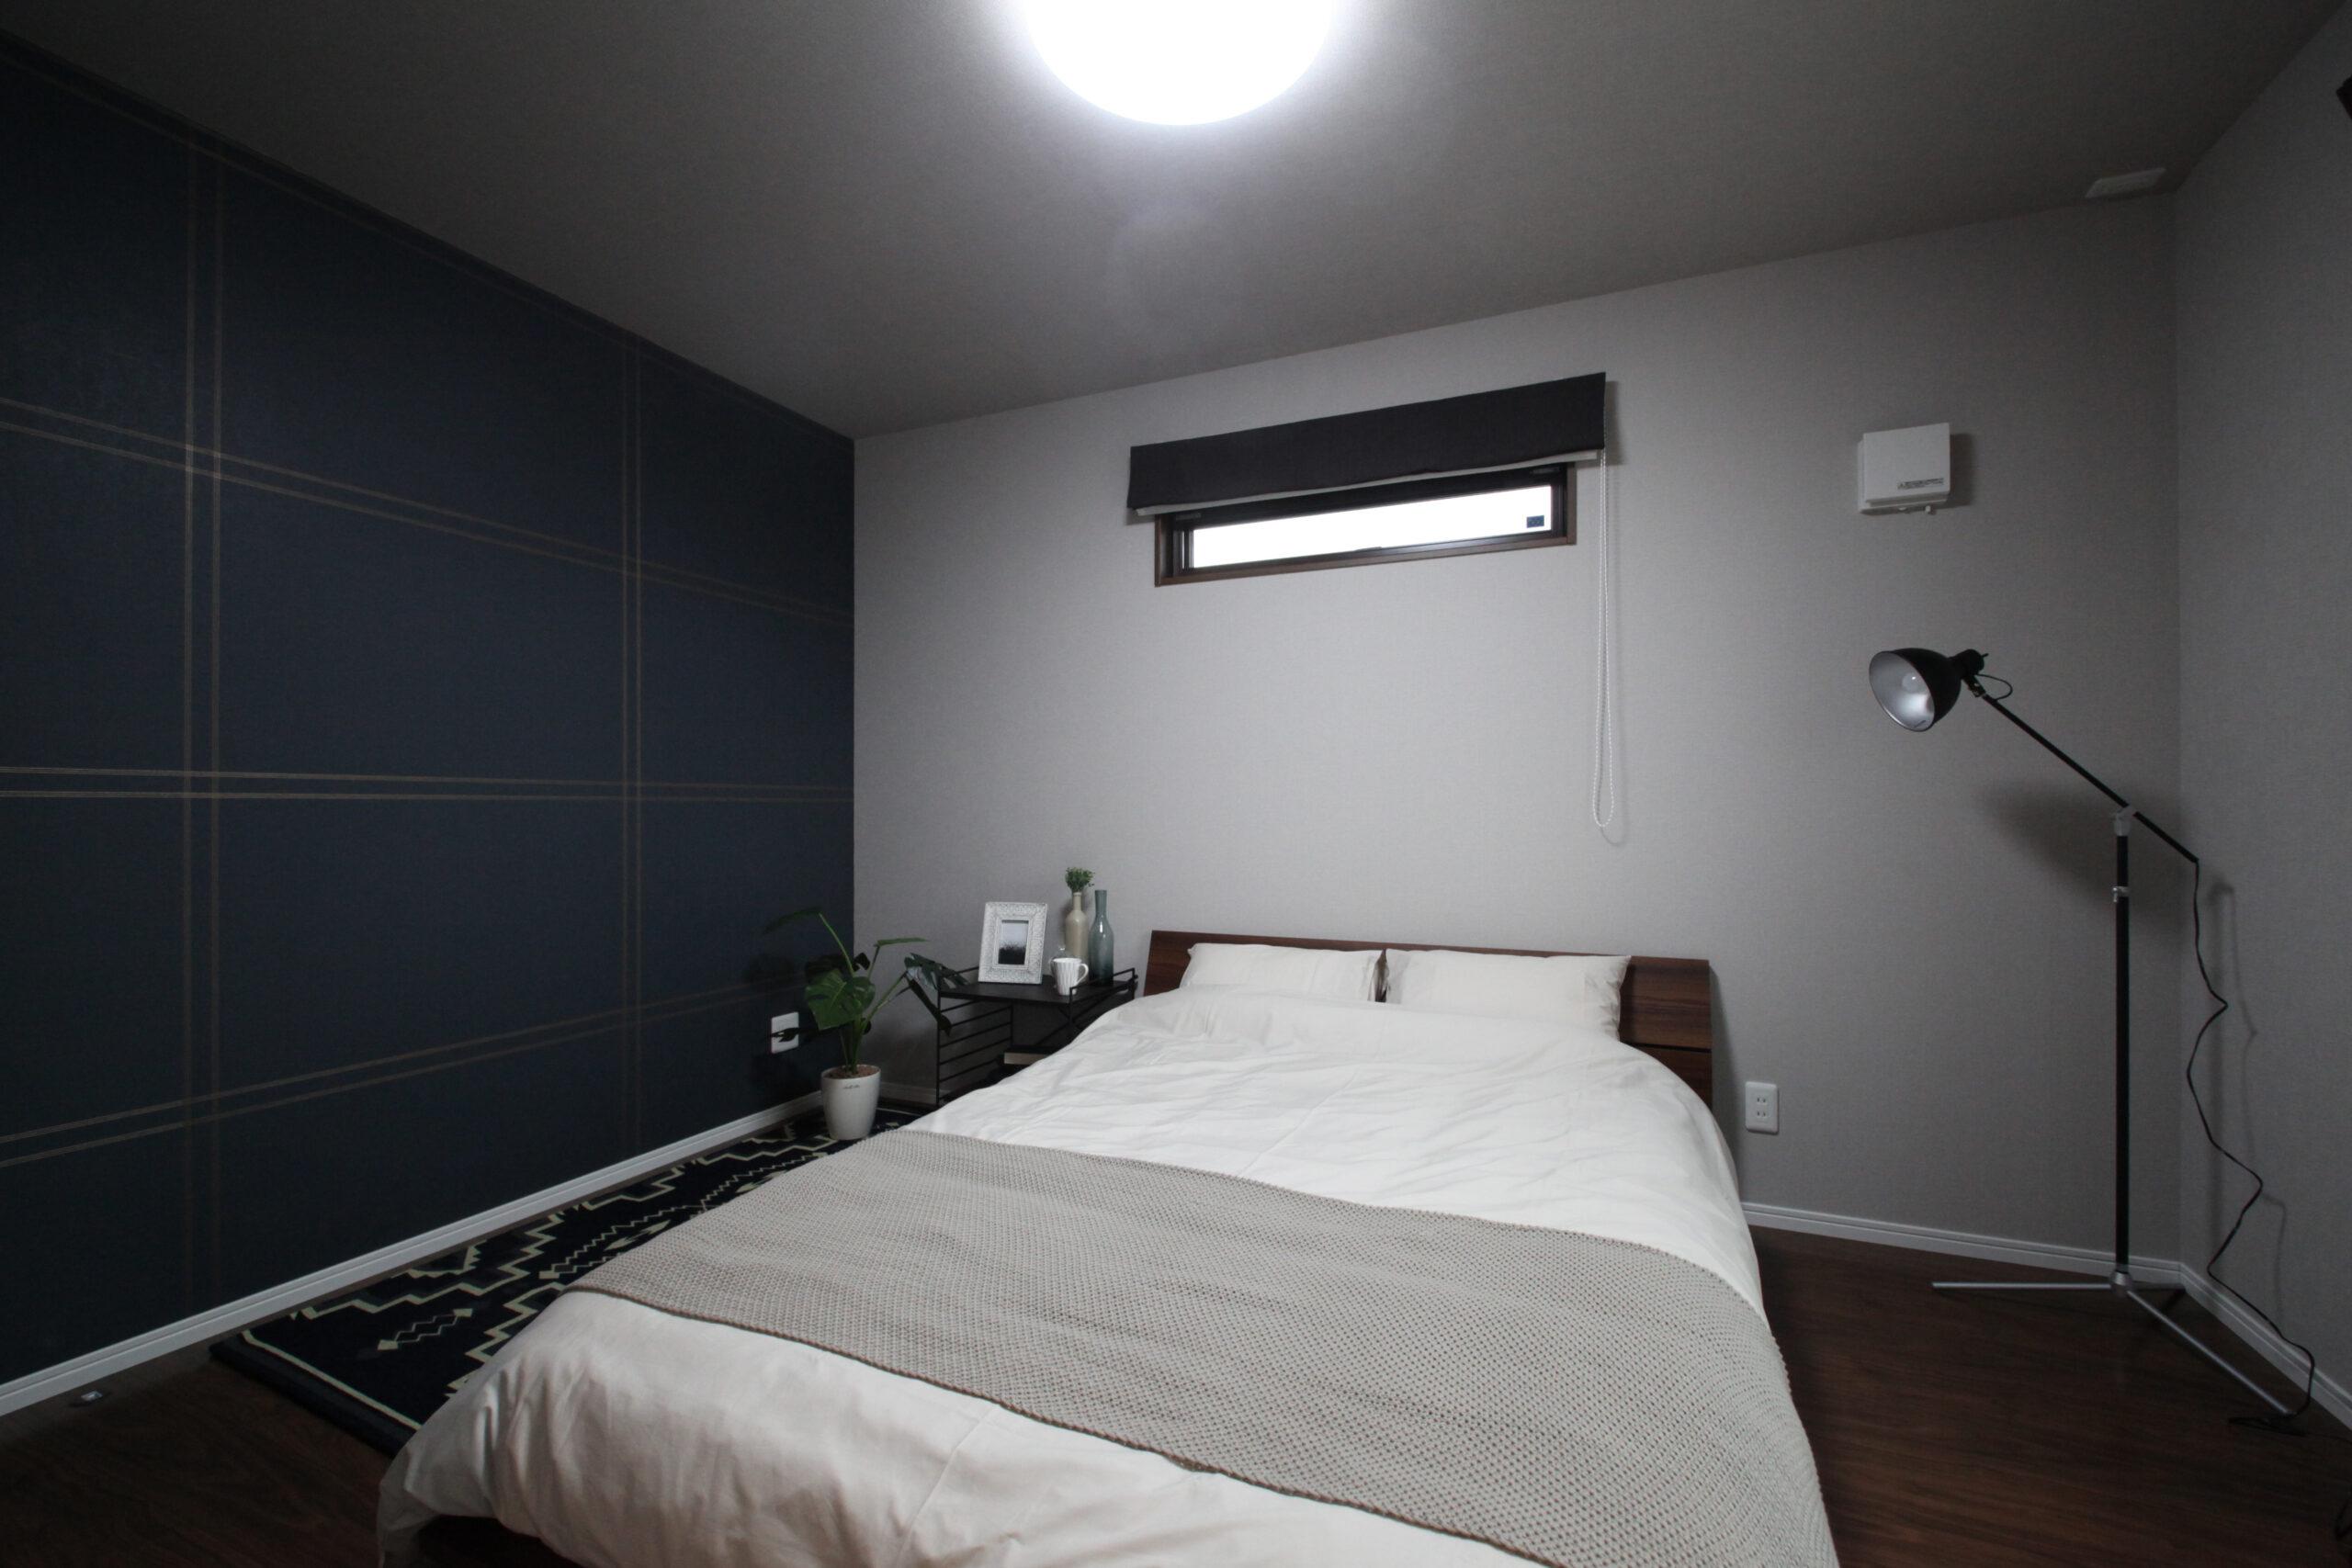 中二階スキップフロアのある家 寝室